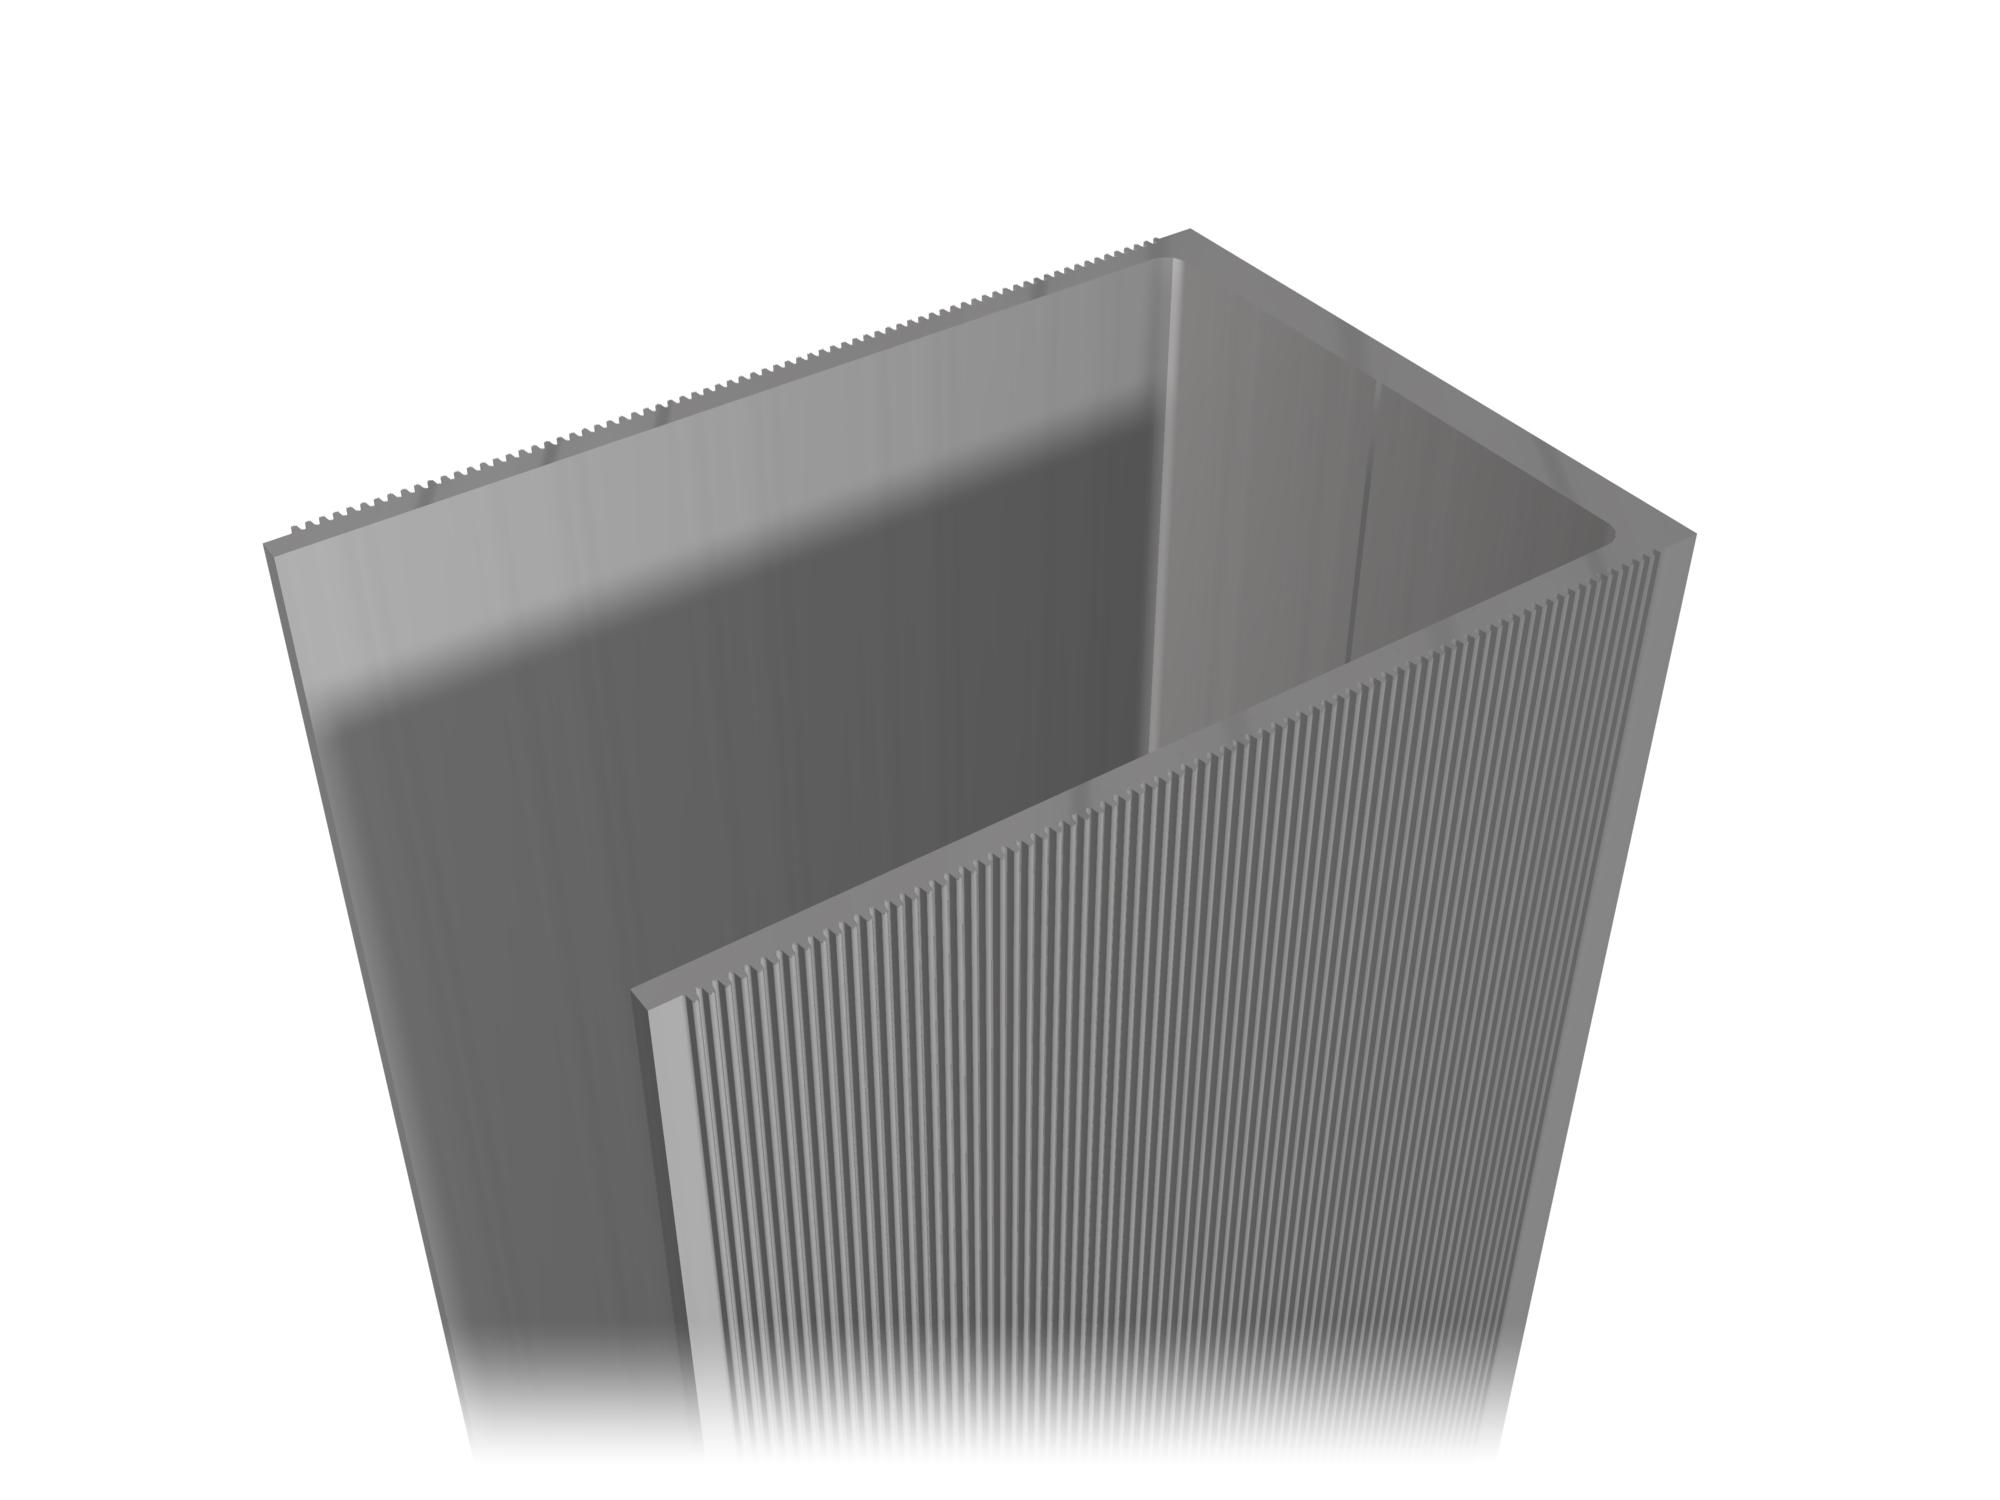 Aluminum profile A-03.9